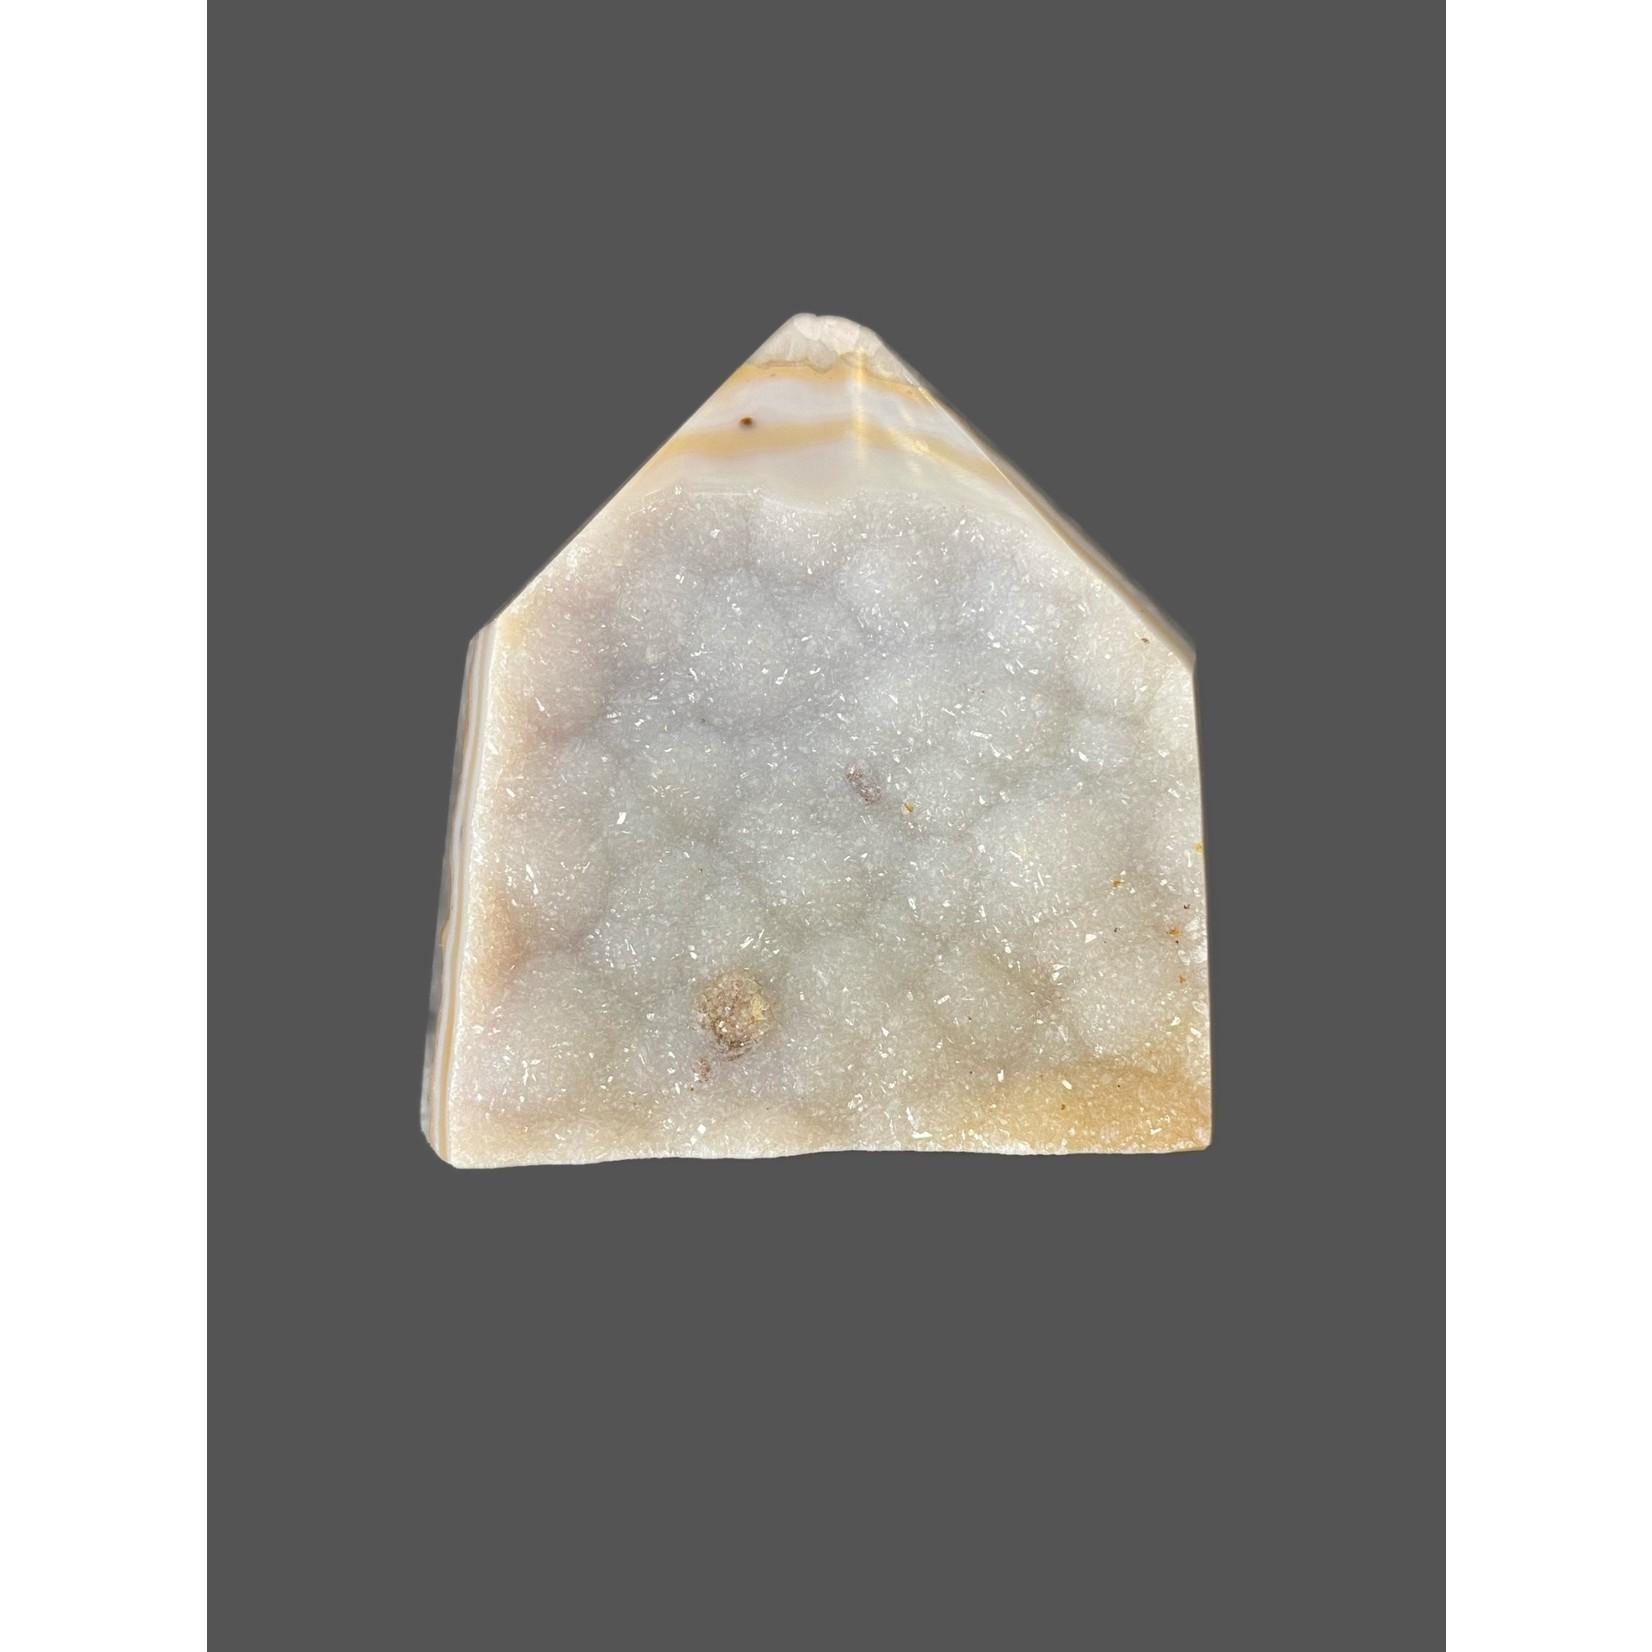 Punta Ágata cristalizada 850grs